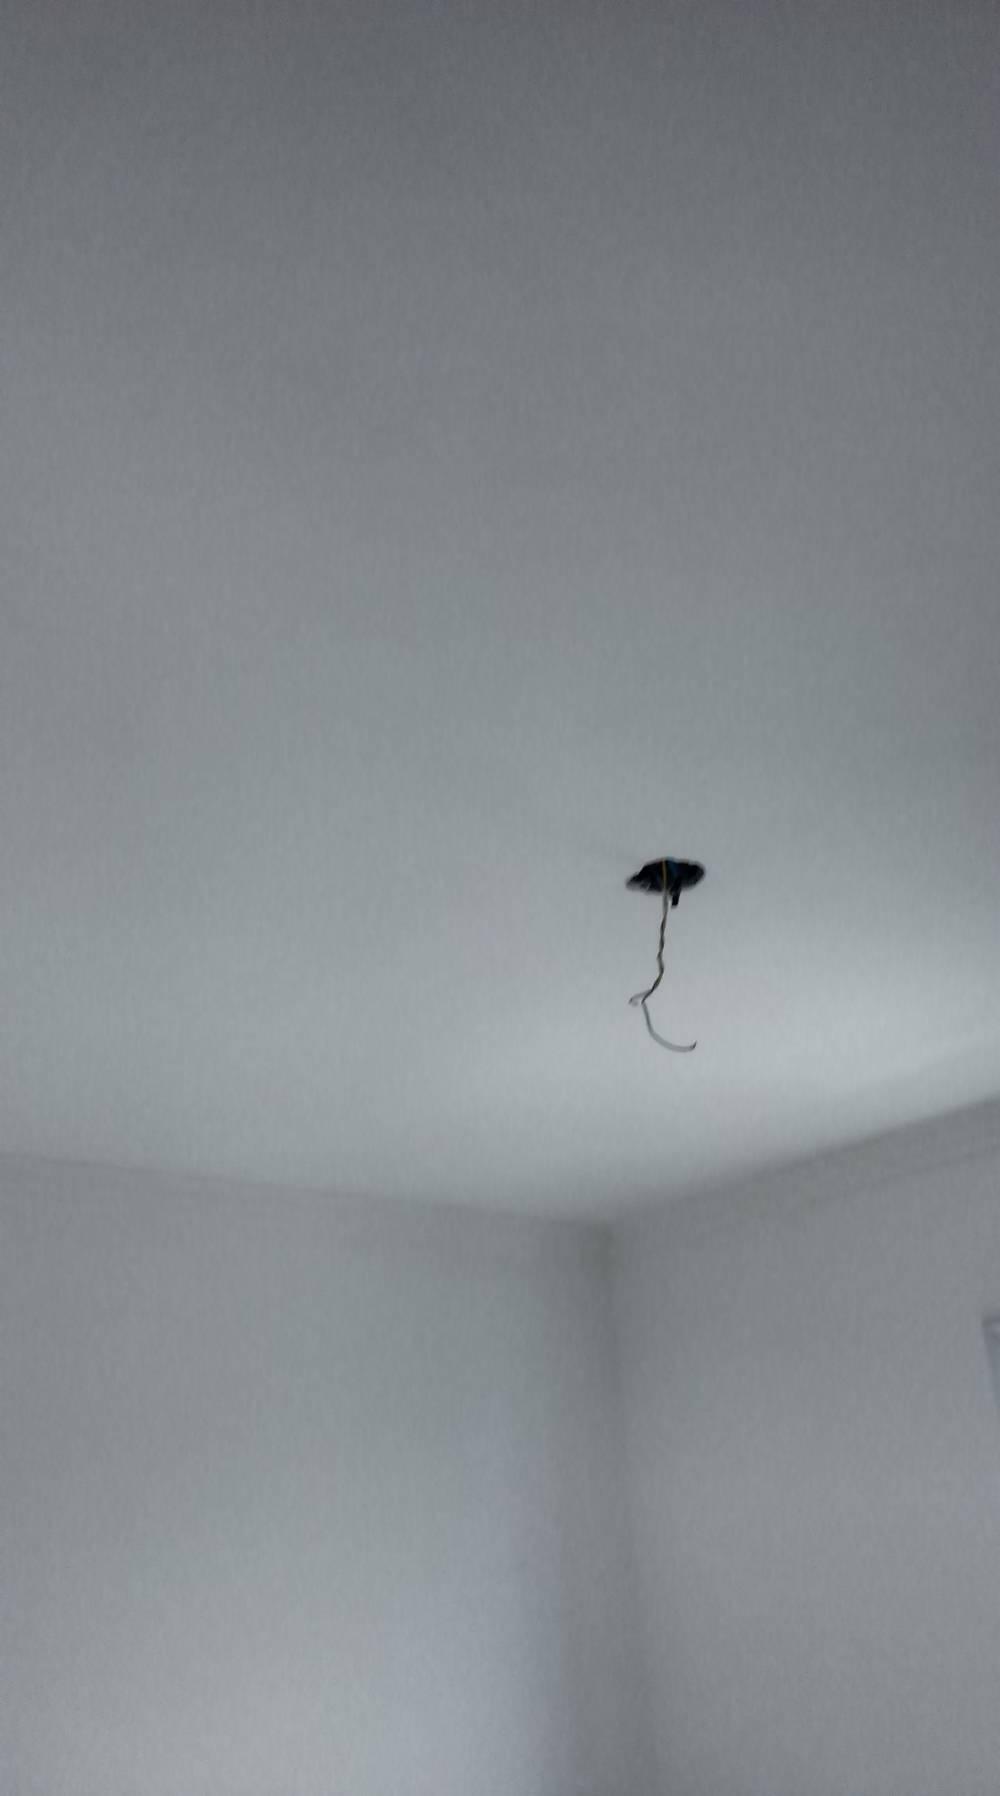 Preciso de Empresa de Instalação Elétrica Residencial no Parque dos Pássaros - Eletricista em SP